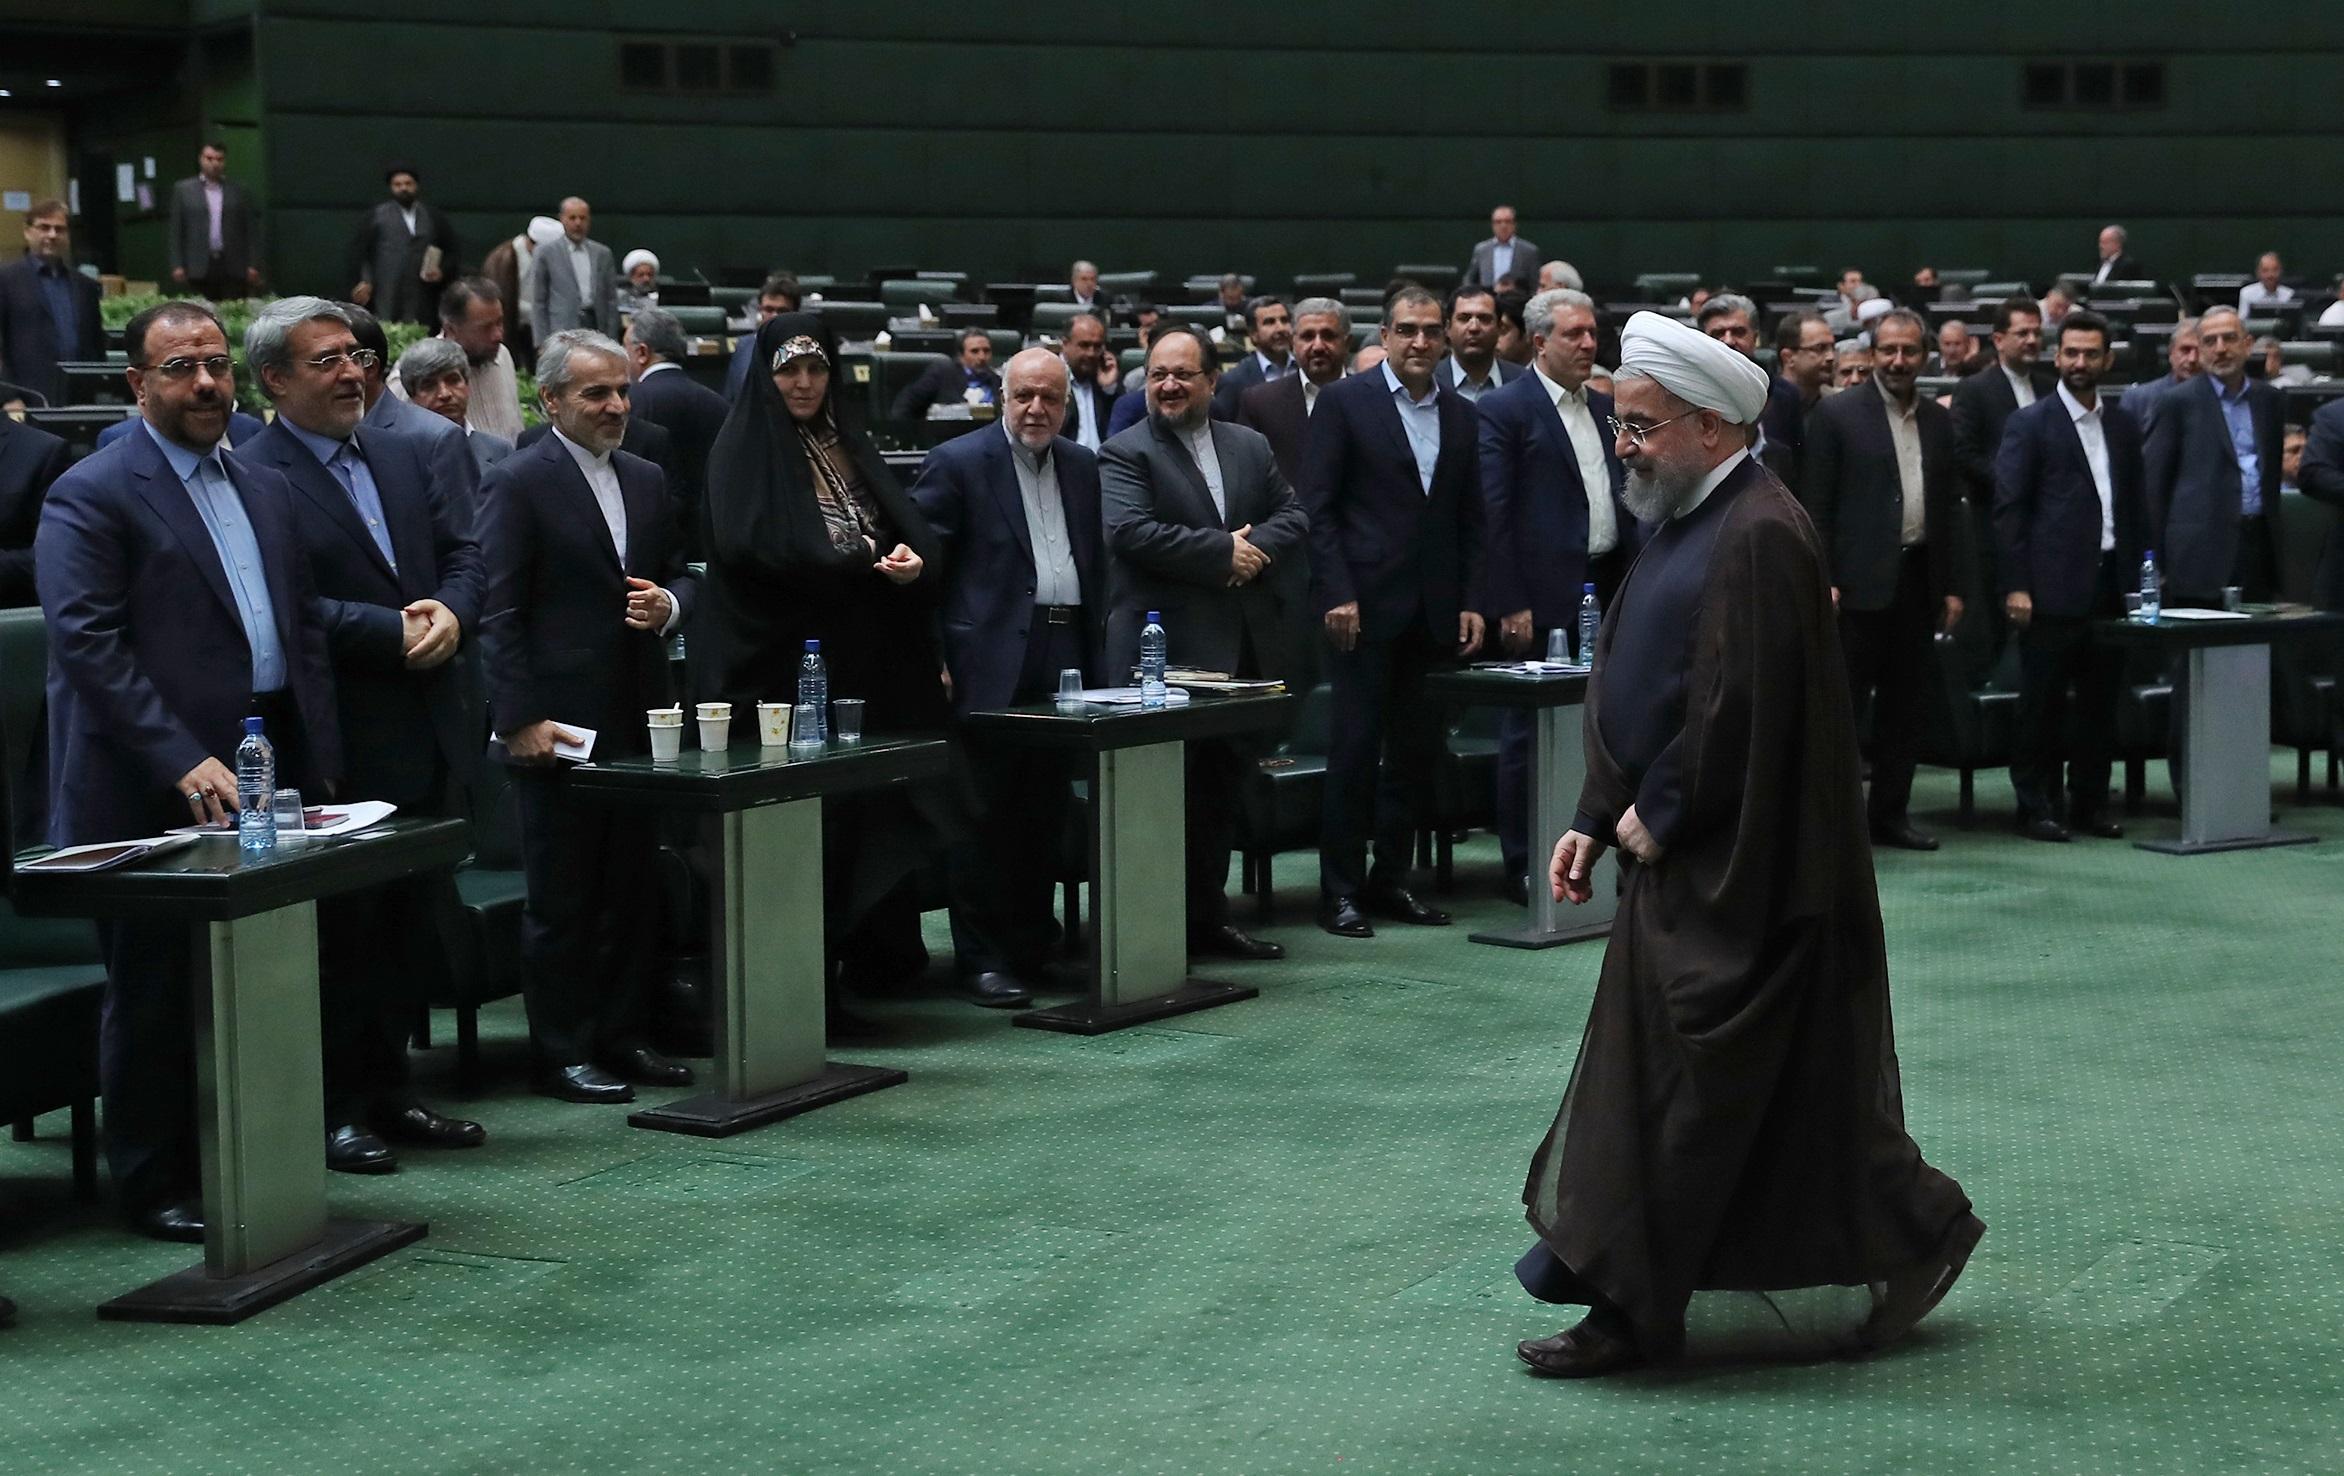 سوال از رئیسجمهور پابرجاست/ روحانی باید در مجلس حضور یابد